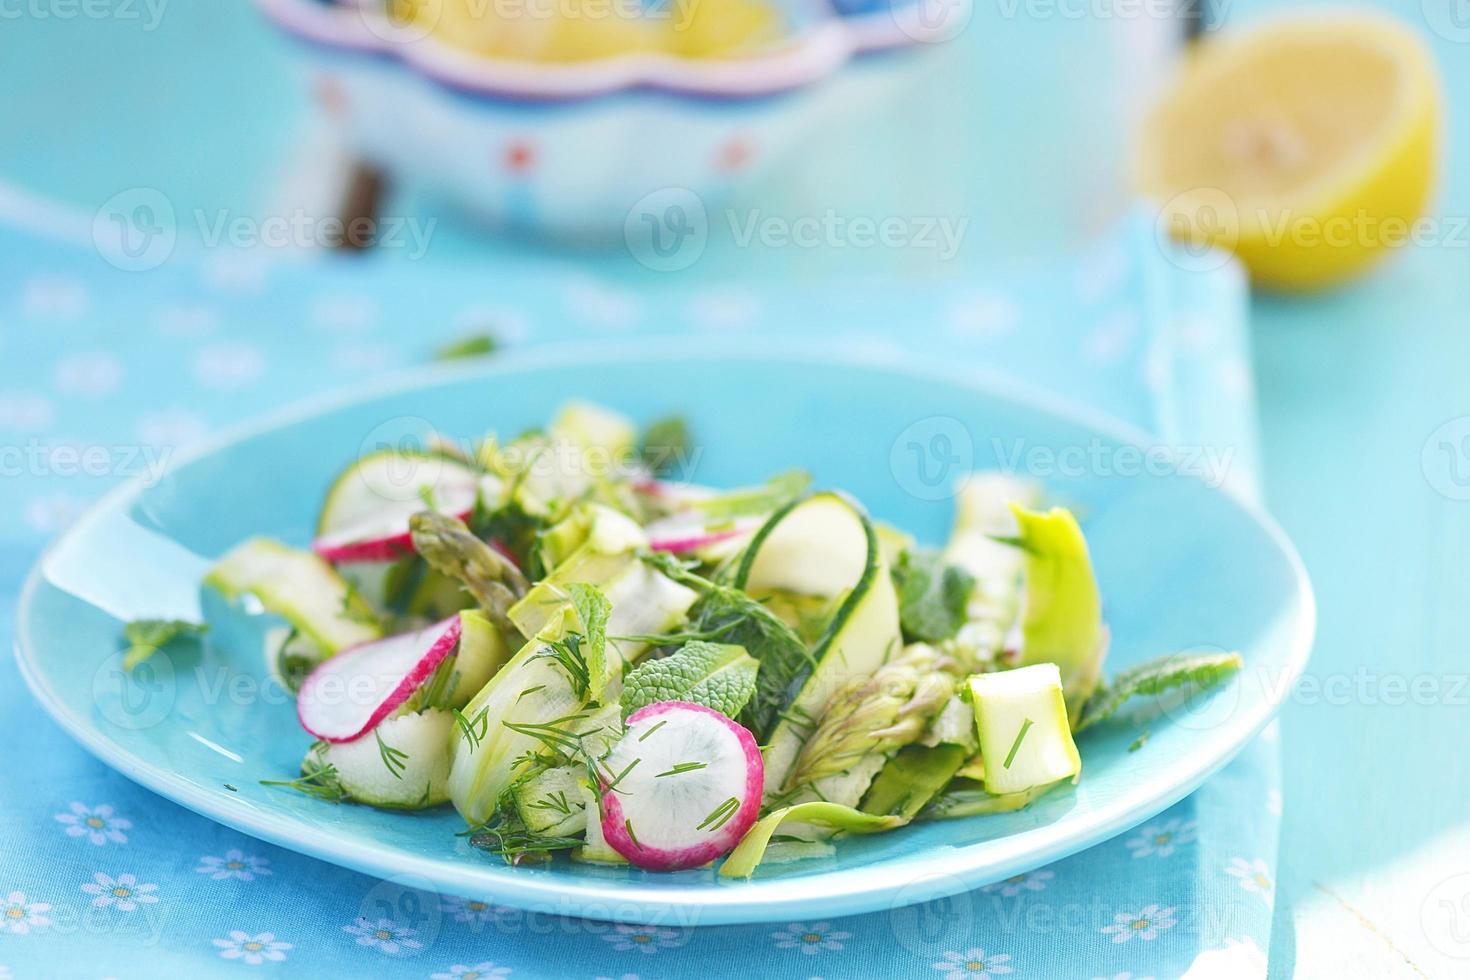 spring vegetables salad photo